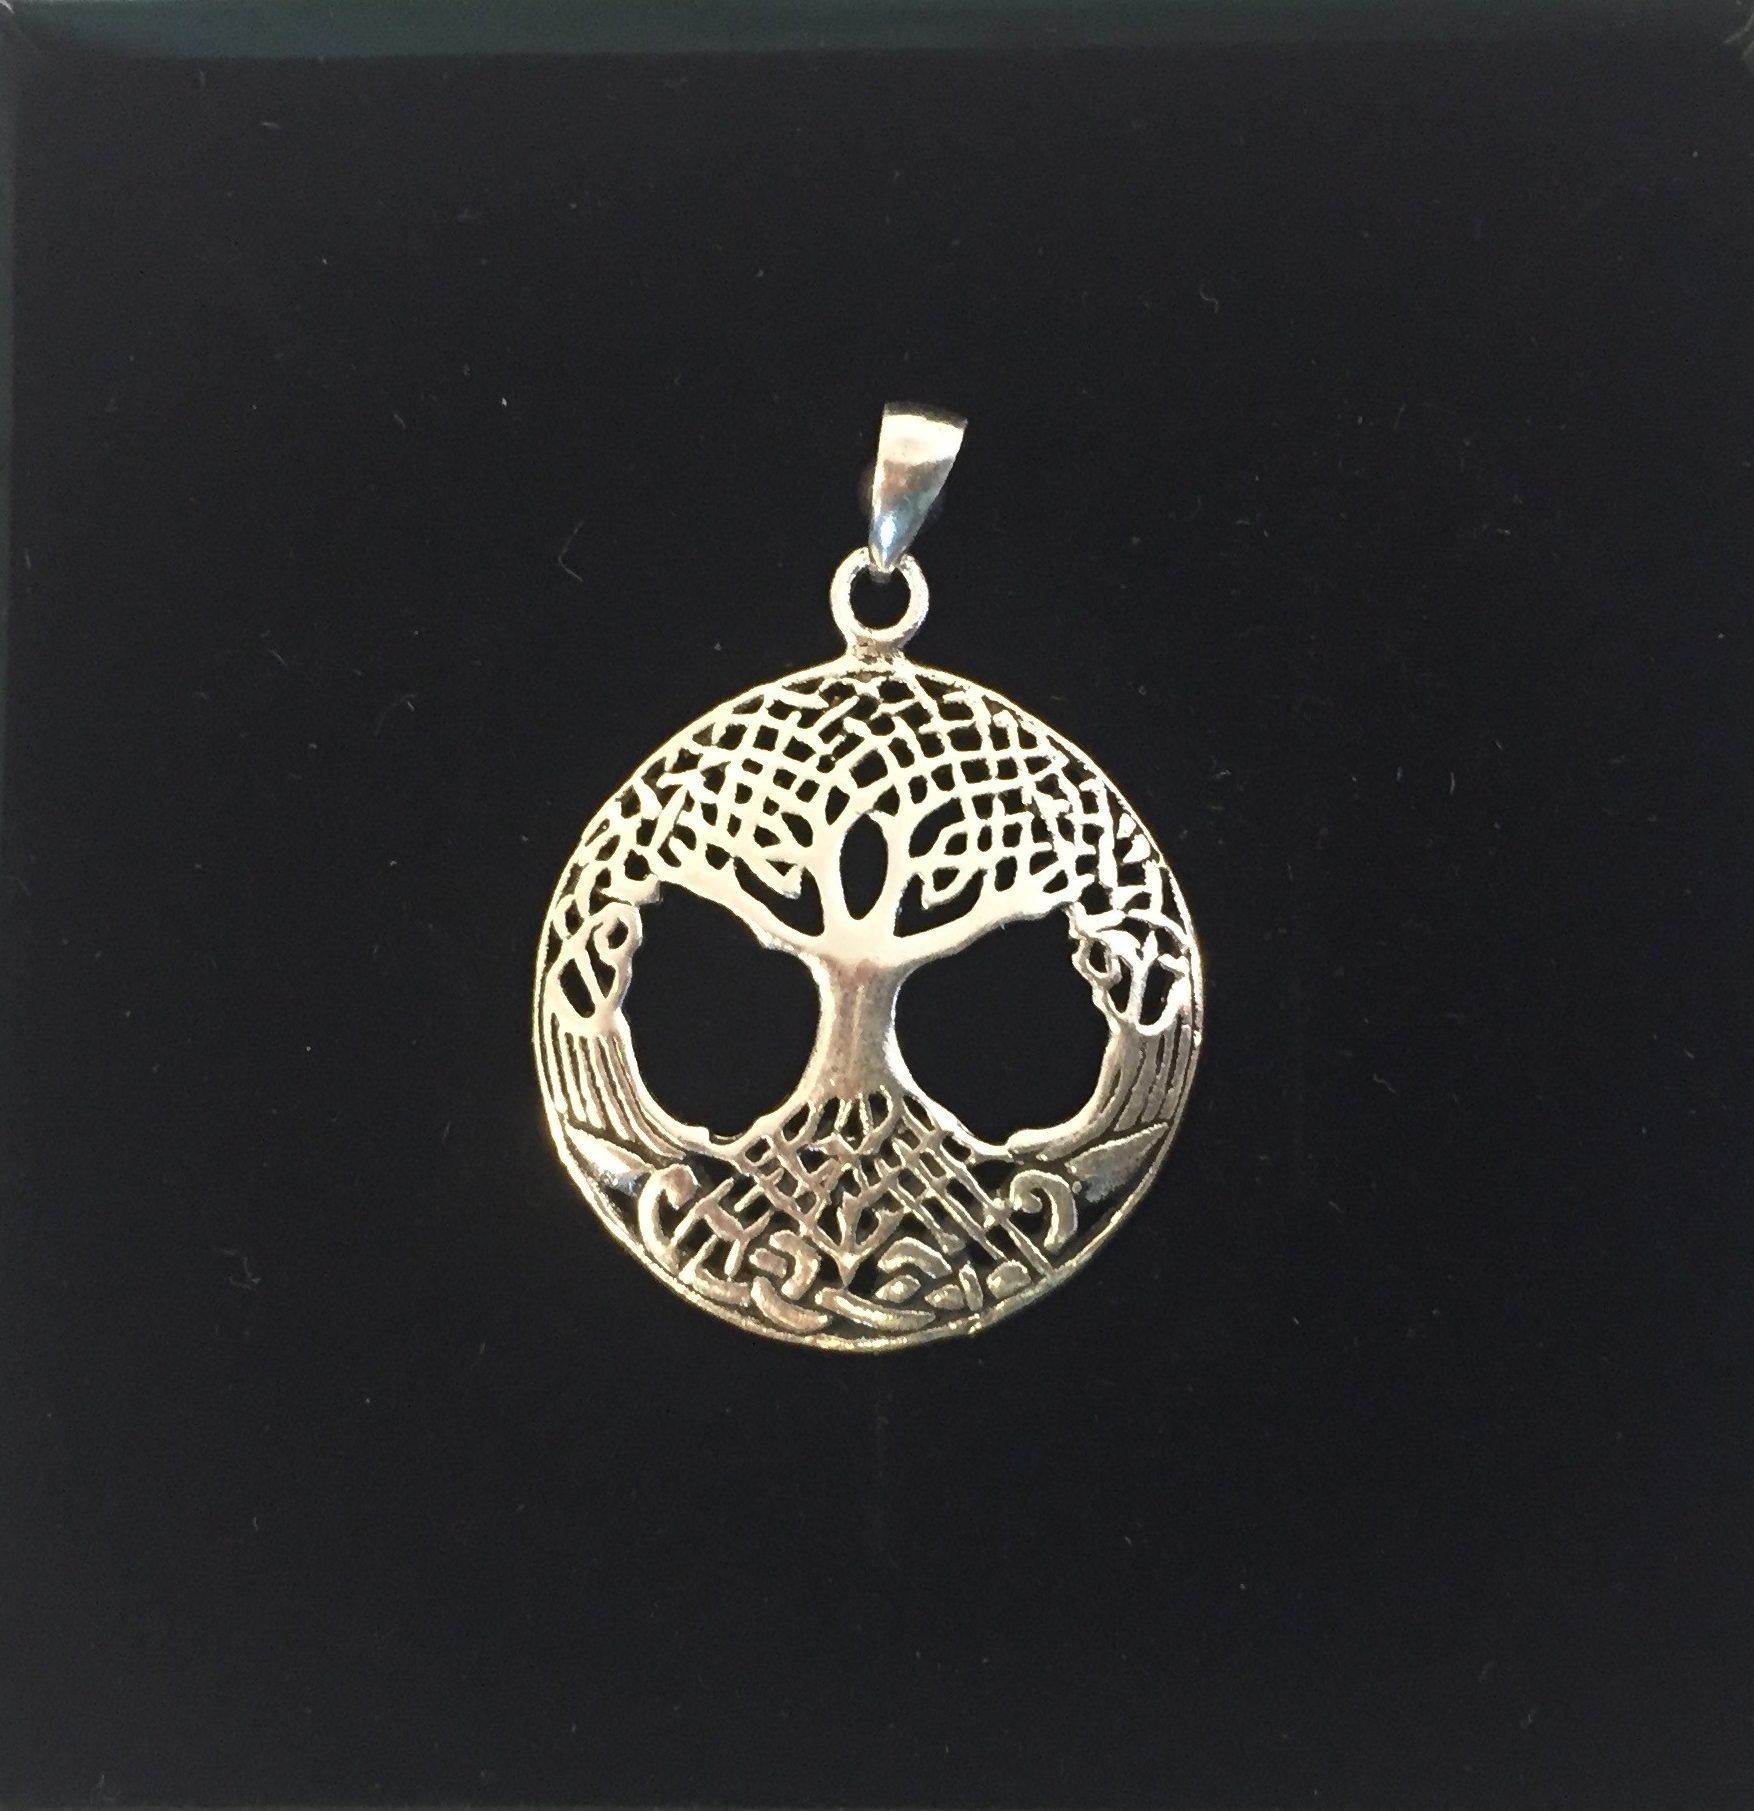 7c211a7266a Vikinge vedhæng i sølv – Livets træ Yggdrasil keltisk flet